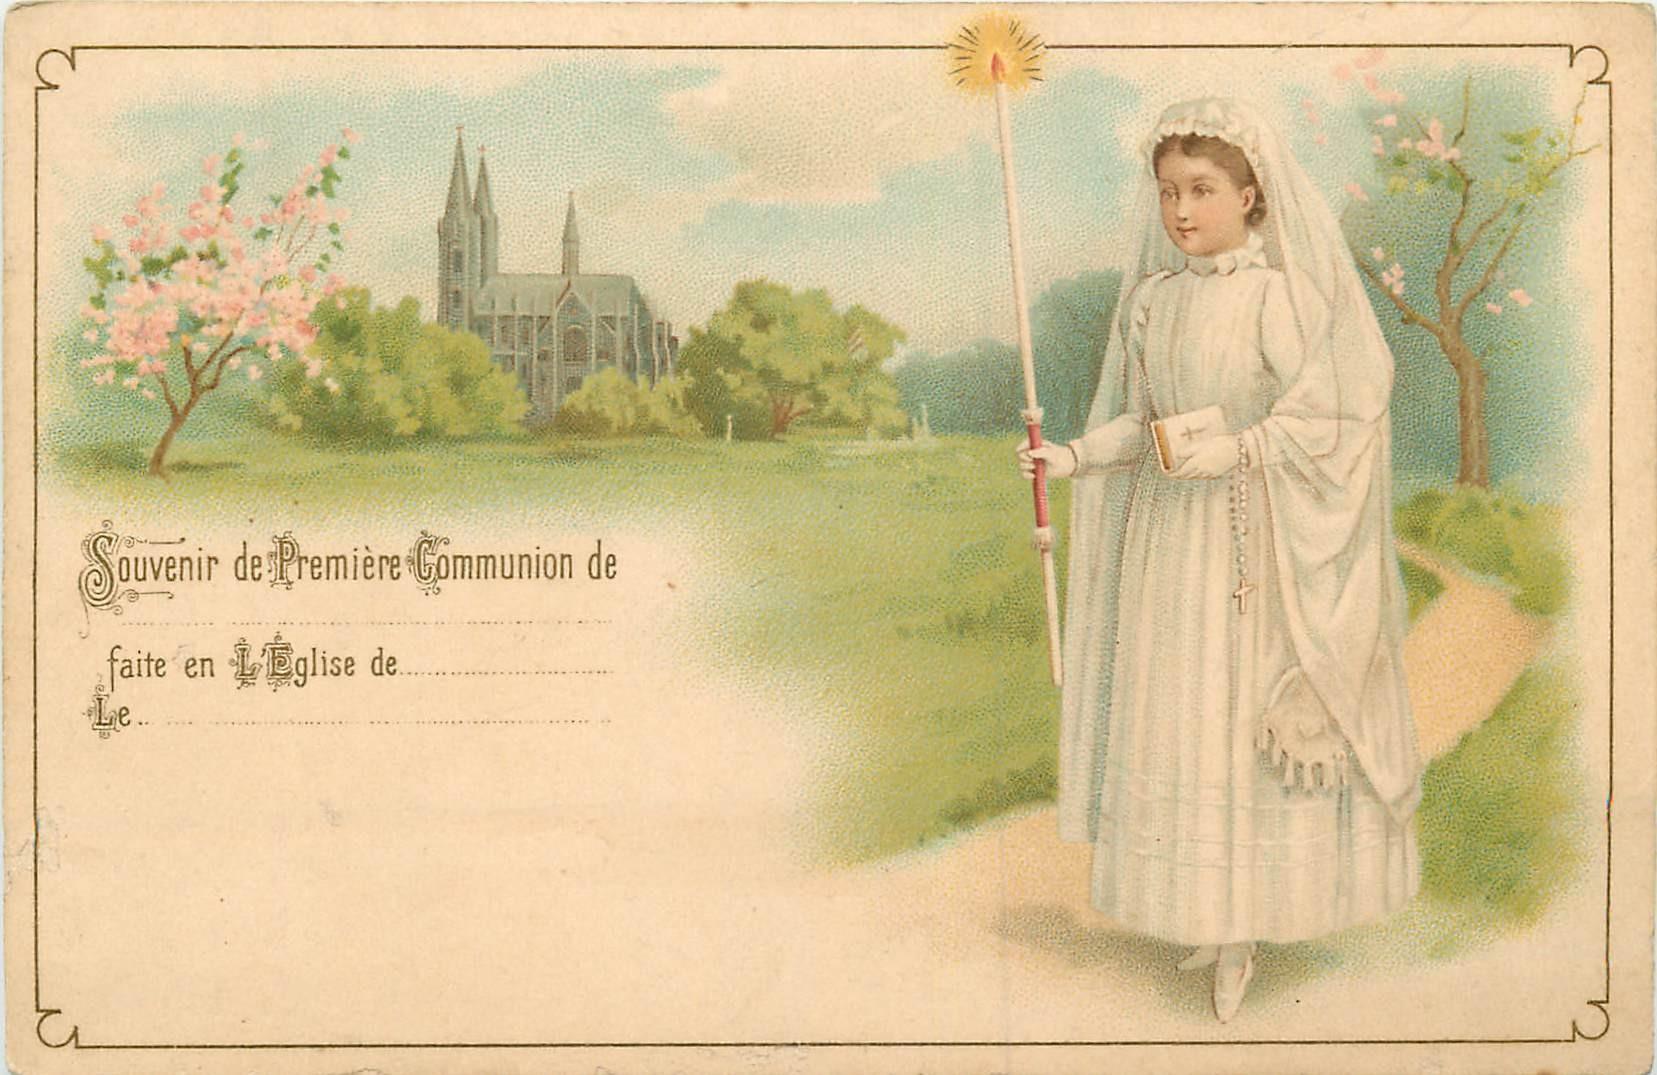 WW RELIGIONS. La Première Communion vers 1900 faite en l'Eglise de..